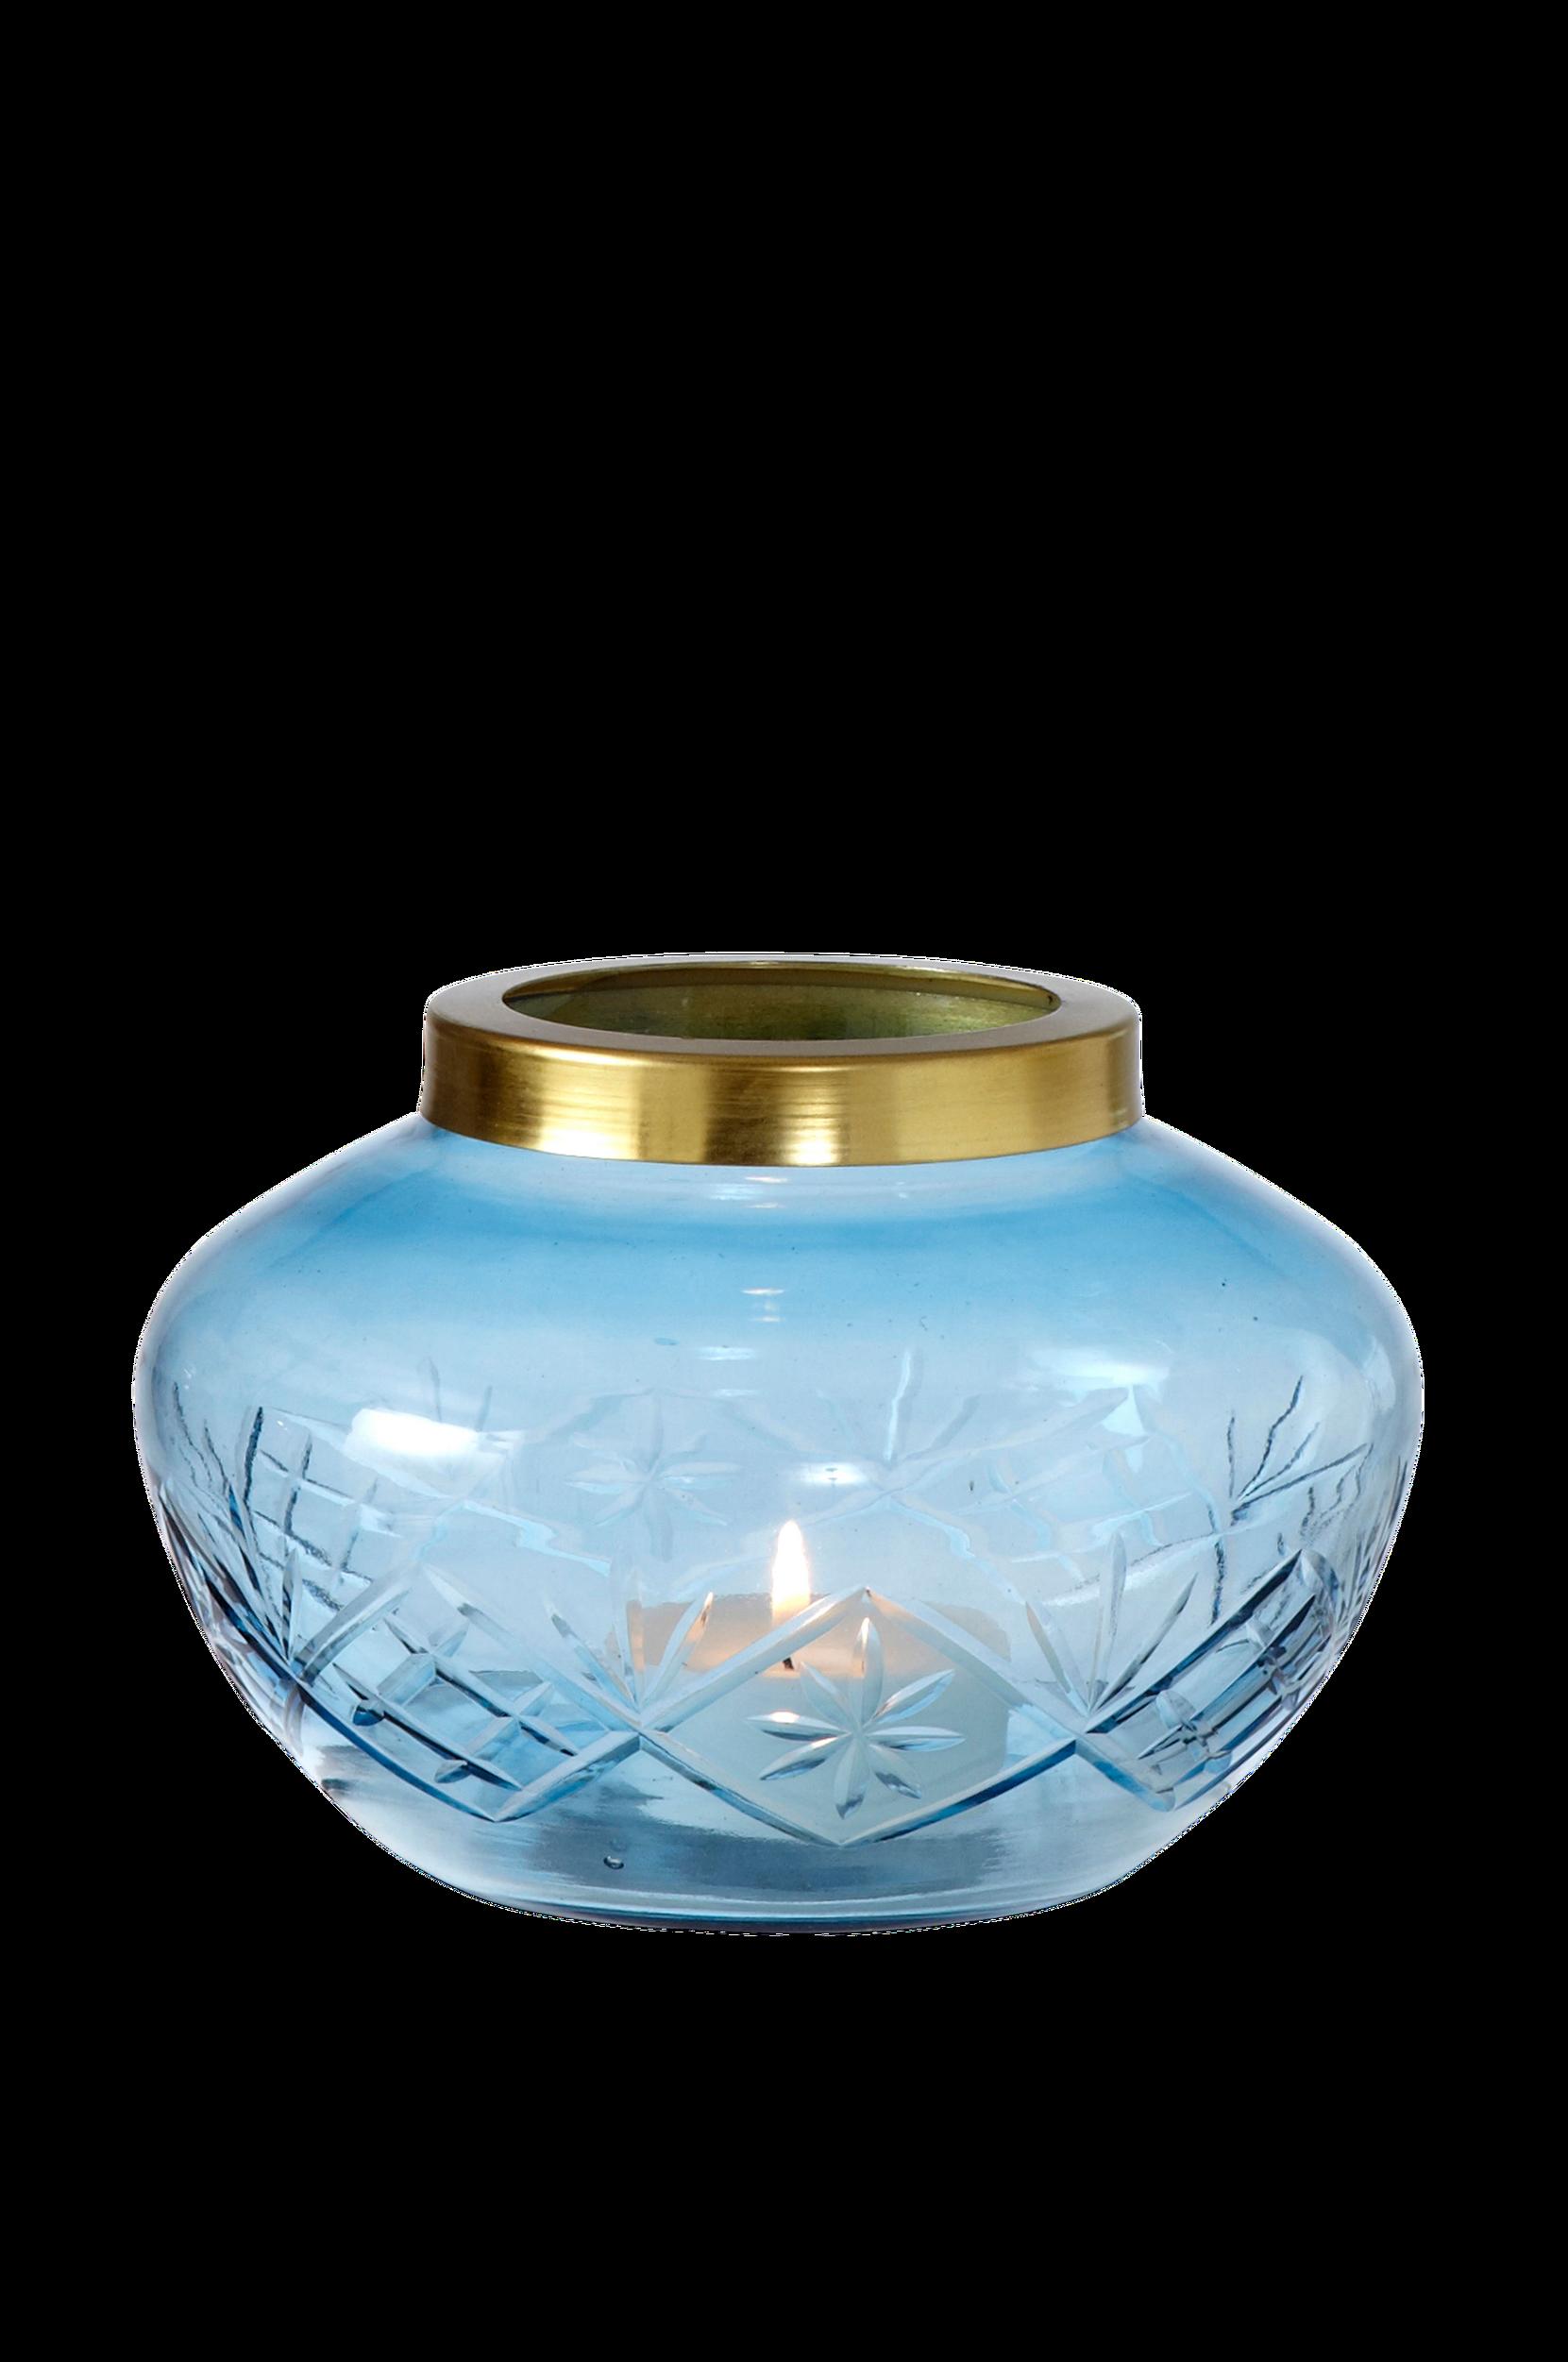 Lysestage Margrete Ellos Potteskjulere & vaser til Boligen i Blå